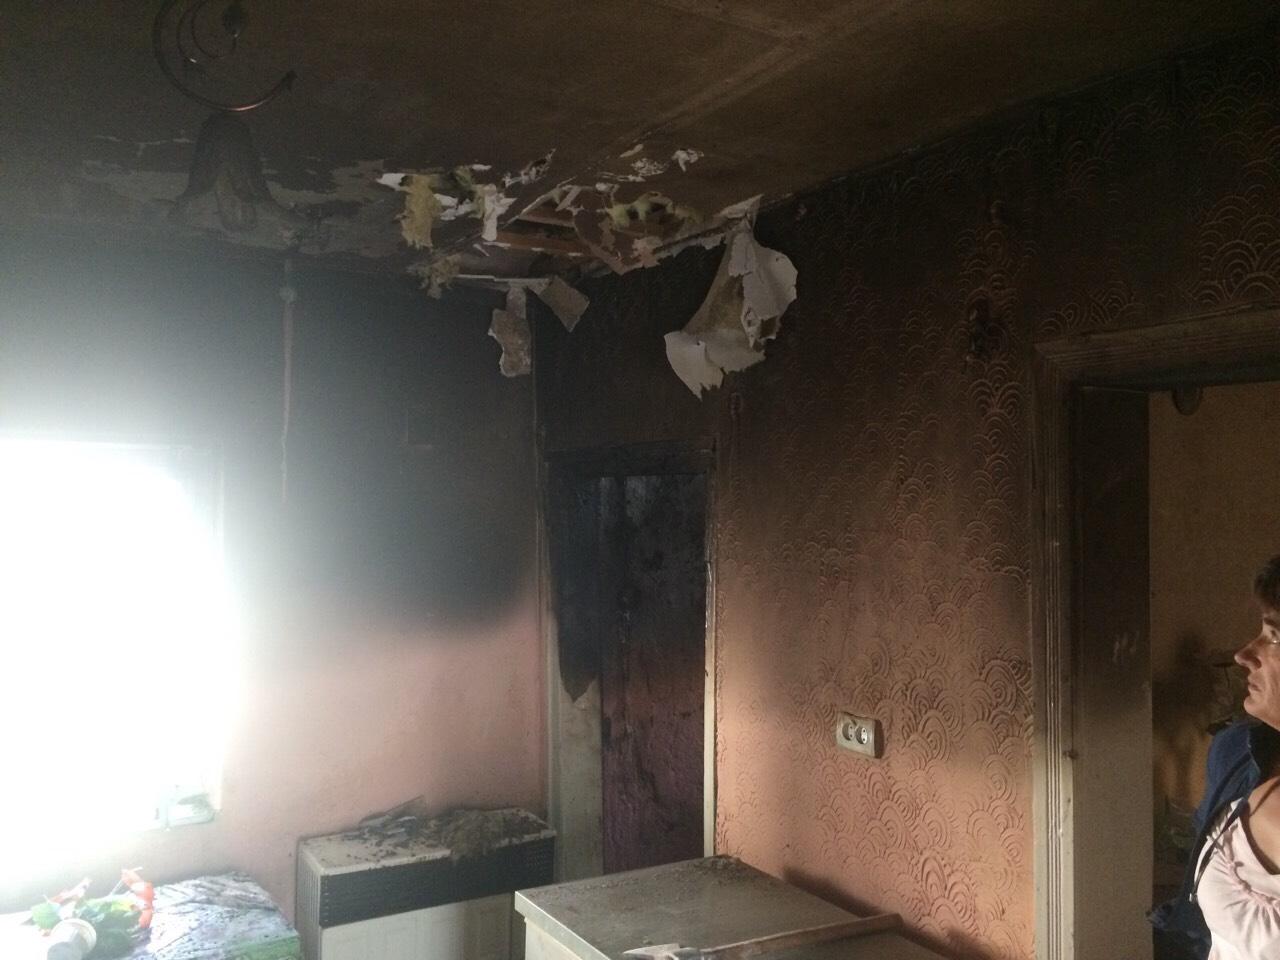 01 жовтня о 10:54 в оперативно-рятувальну службу надійшло повідомлення про пожежу  на вул. Центральній, що у  с. Дубрівка Іршавського району. Горів житловий будинок місцевої 49-річної жительки.